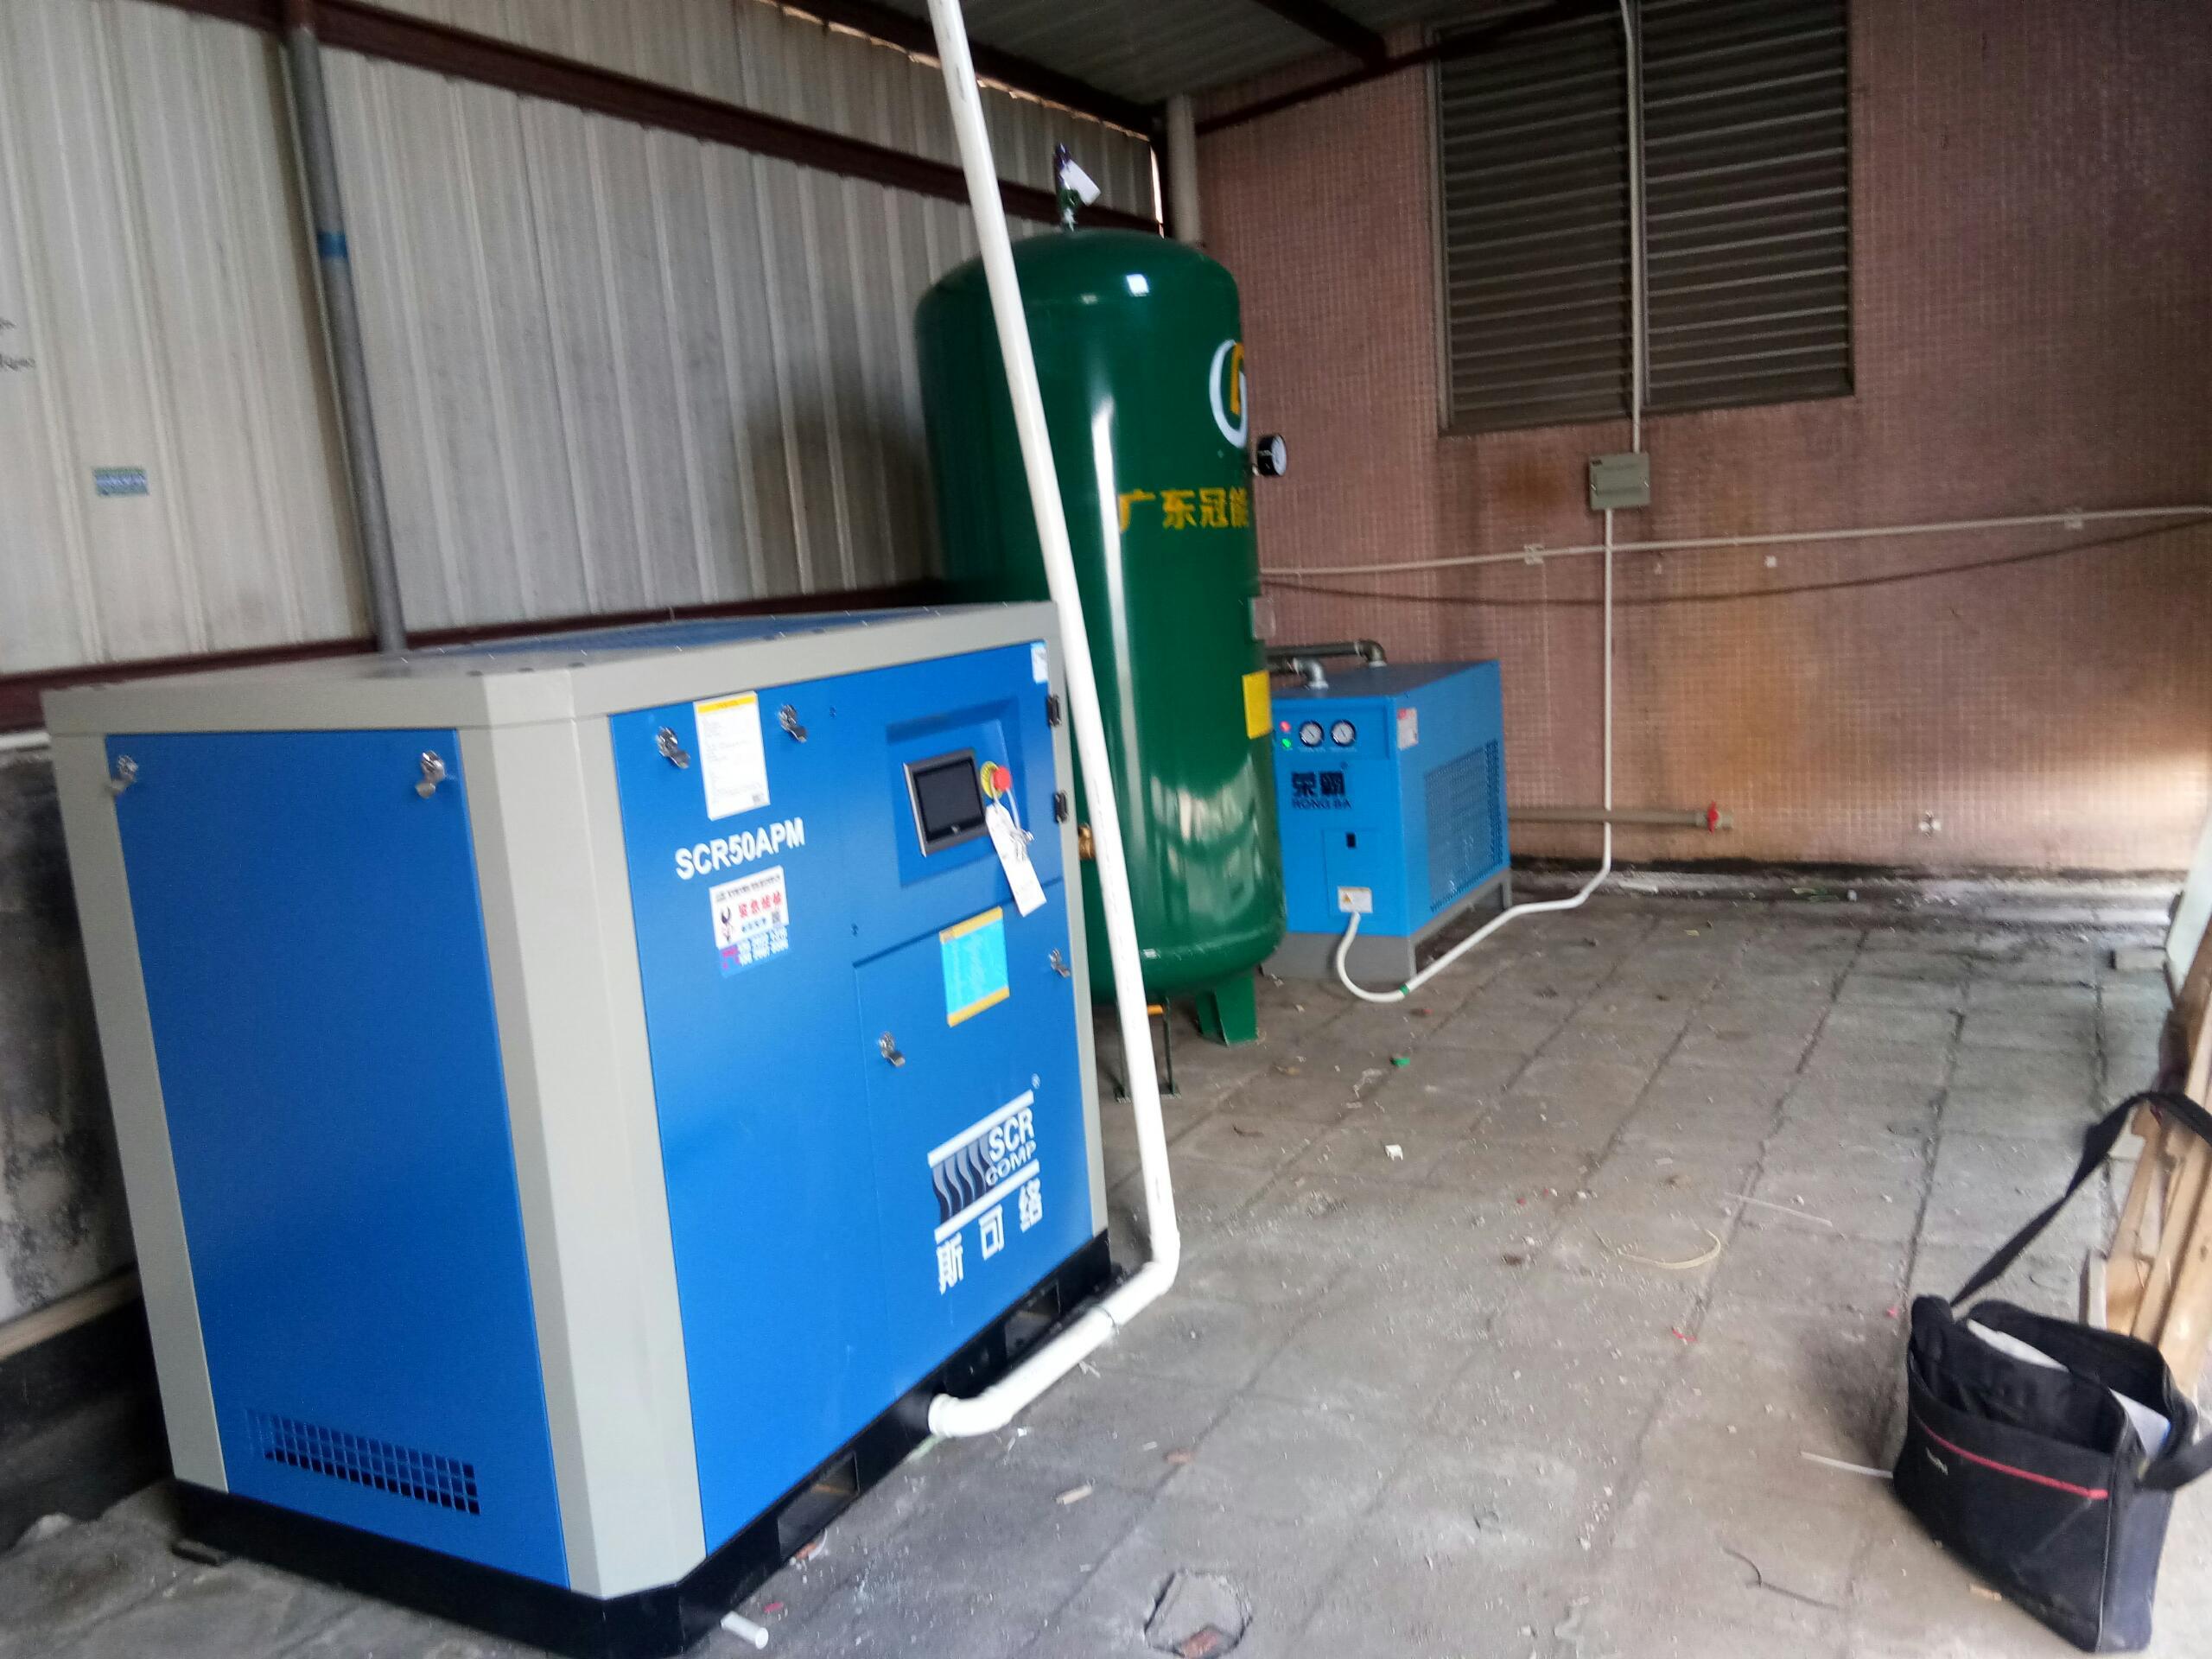 五金塑料行业选用节能变频空压机节能稳定运行!